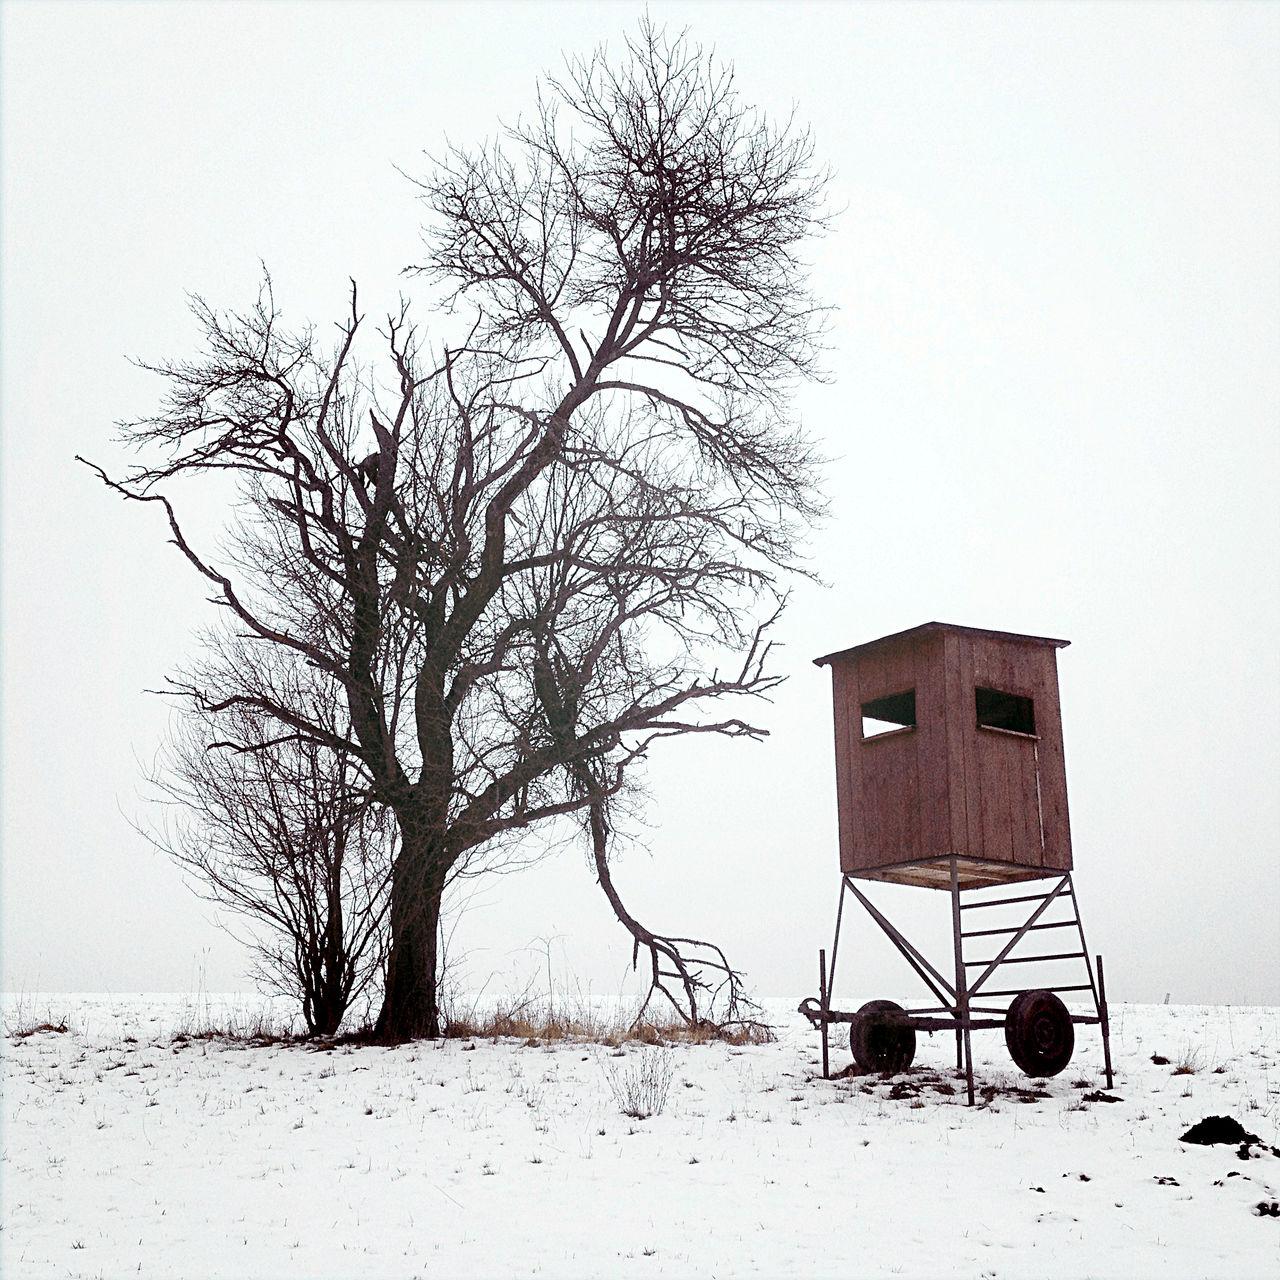 Ein Hochsitzwagen mit braunem Aufbau in Schneelandschaft. Dahinter ein kahler Obstbaum vor weißem Himmel